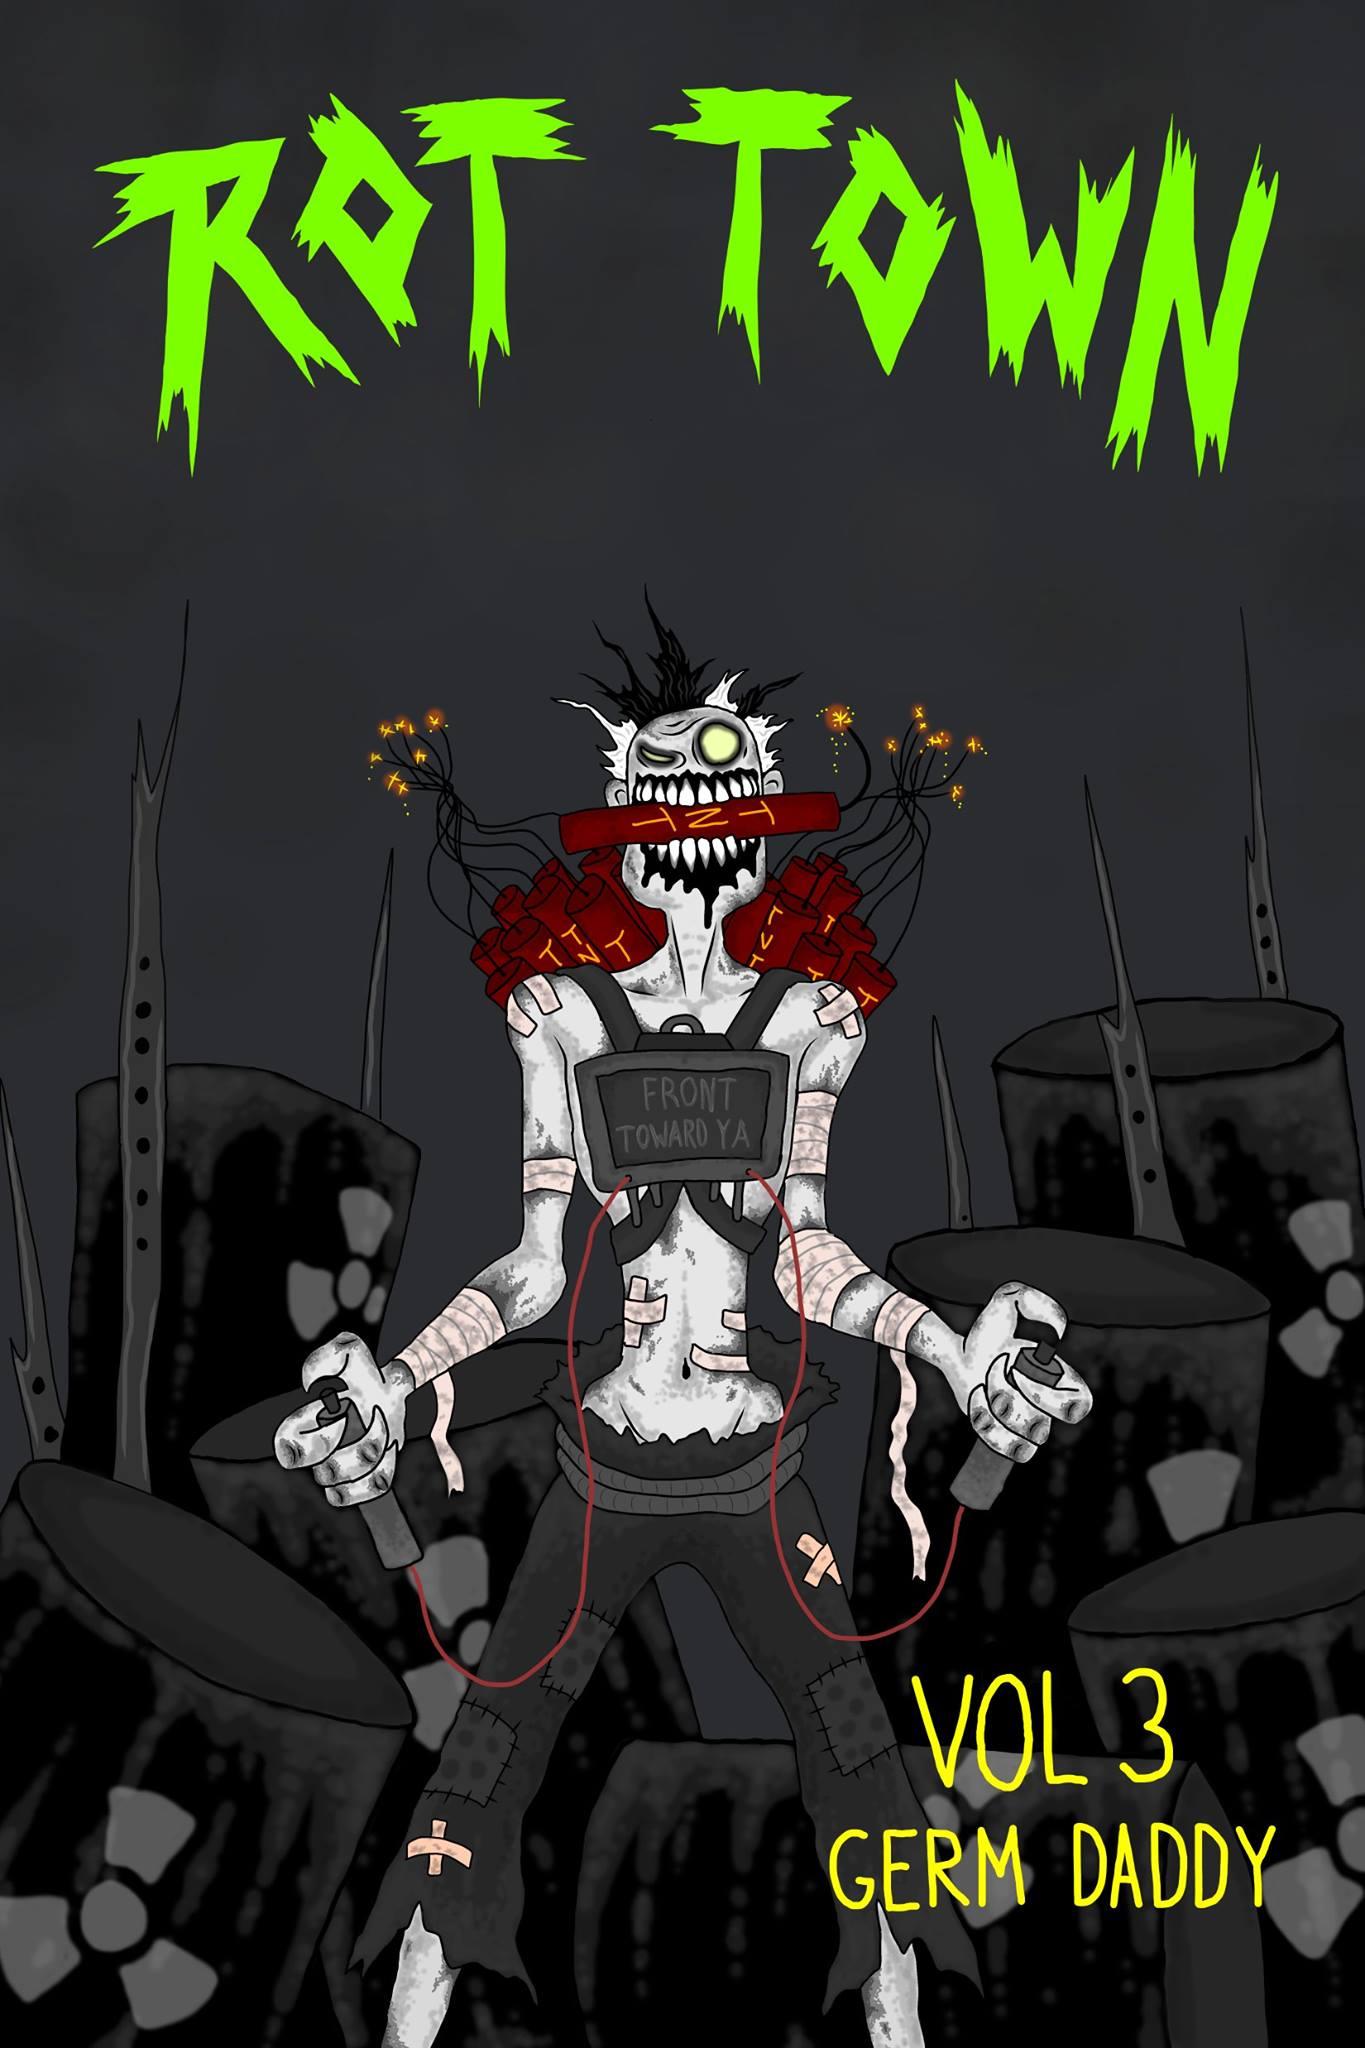 Rot Town Vol 3.jpg